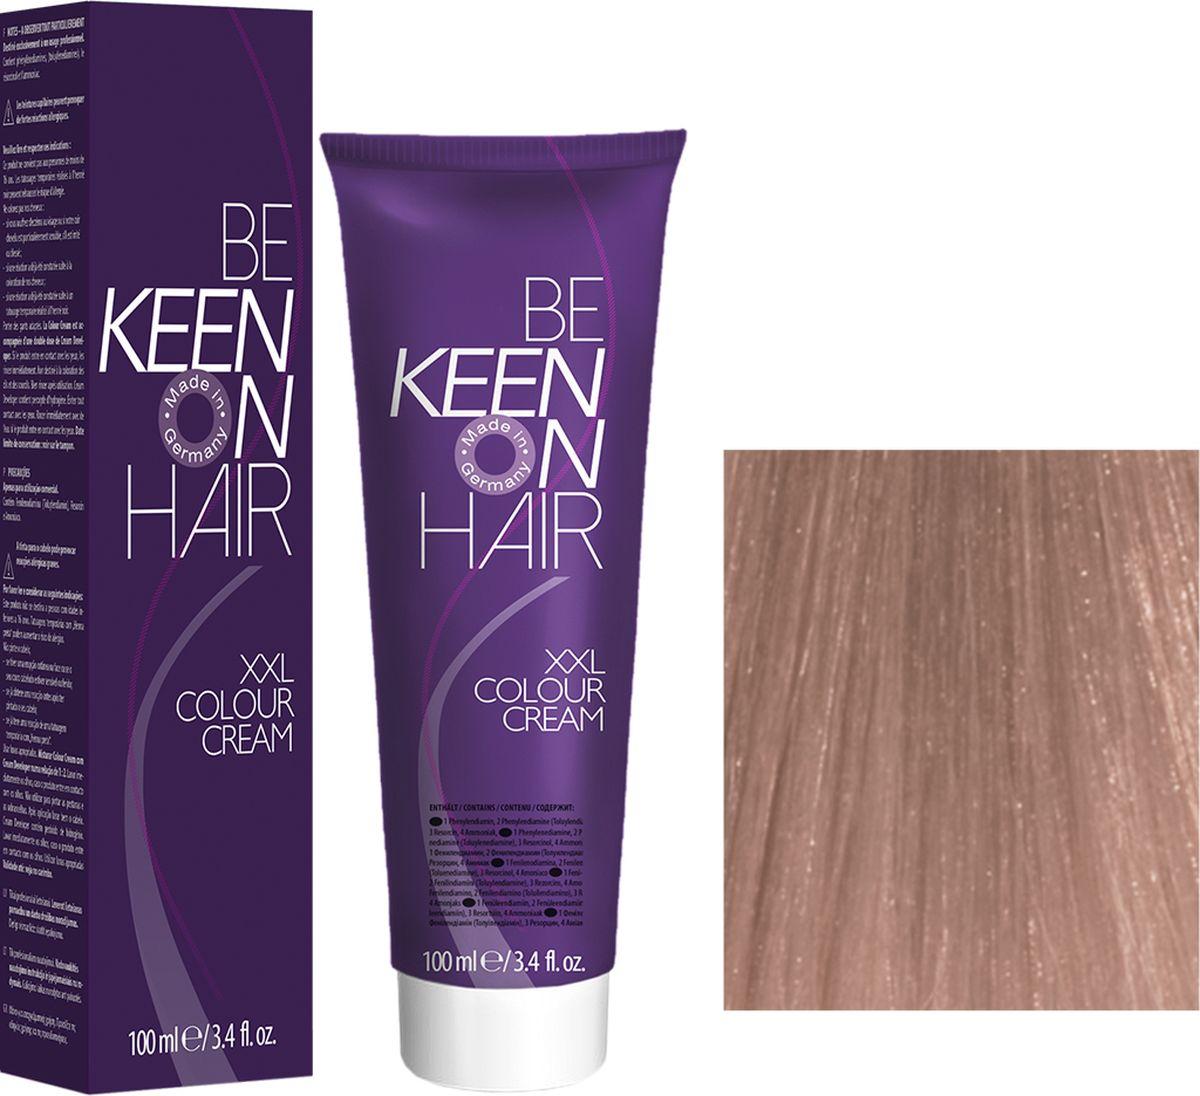 Keen Краска для волос 10.65 Шардоне Chardonnay, 100 мл12111160Модные оттенкиБолее 100 оттенков для креативной комбинации цветов.ЭкономичностьПри использовании тюбика 100 мл вы получаете оптимальное соотношение цены и качества!УходМолочный белок поддерживает структуру волоса во время окрашивания и придает волосам блеск и шелковистость. Протеины хорошо встраиваются в волосы и снабжают их влагой.